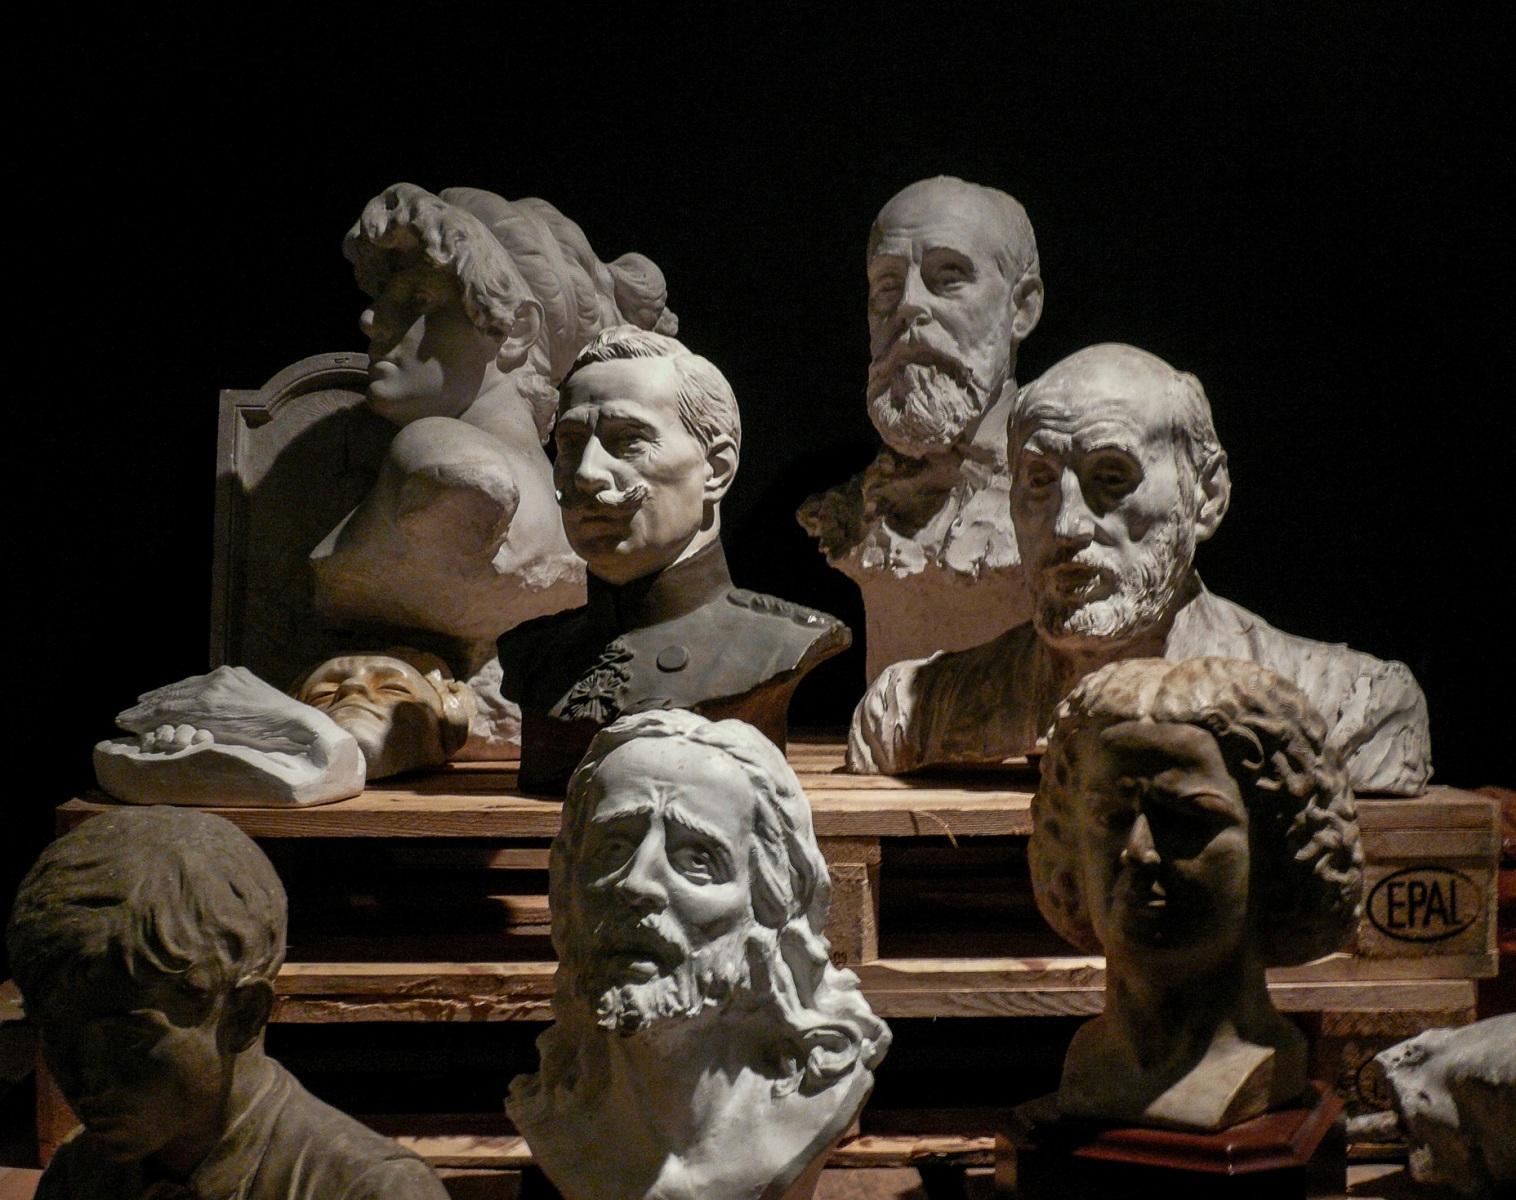 Teatro-del-arte-4